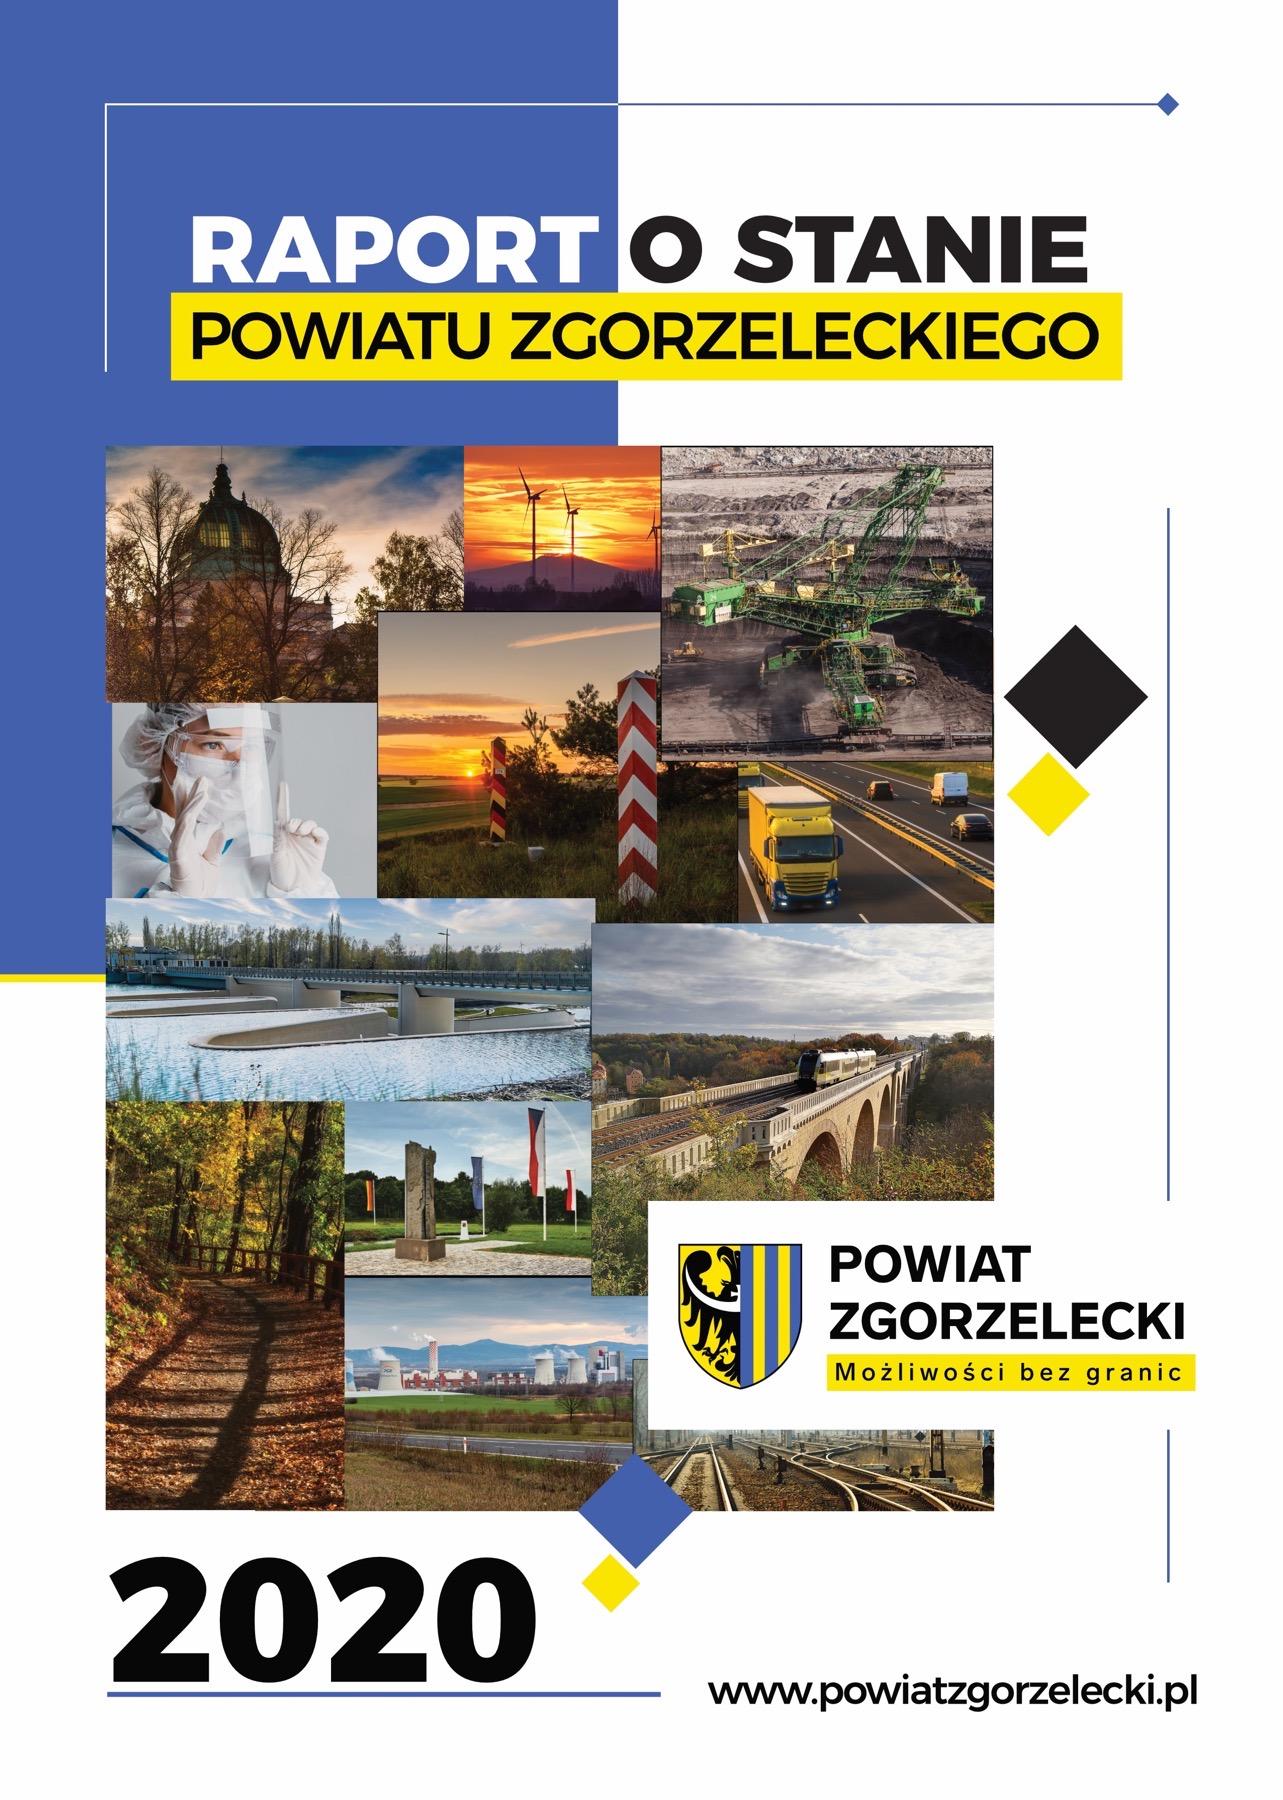 Raport o Stanie Powiatu Zgorzeleckiego za 2020 r.